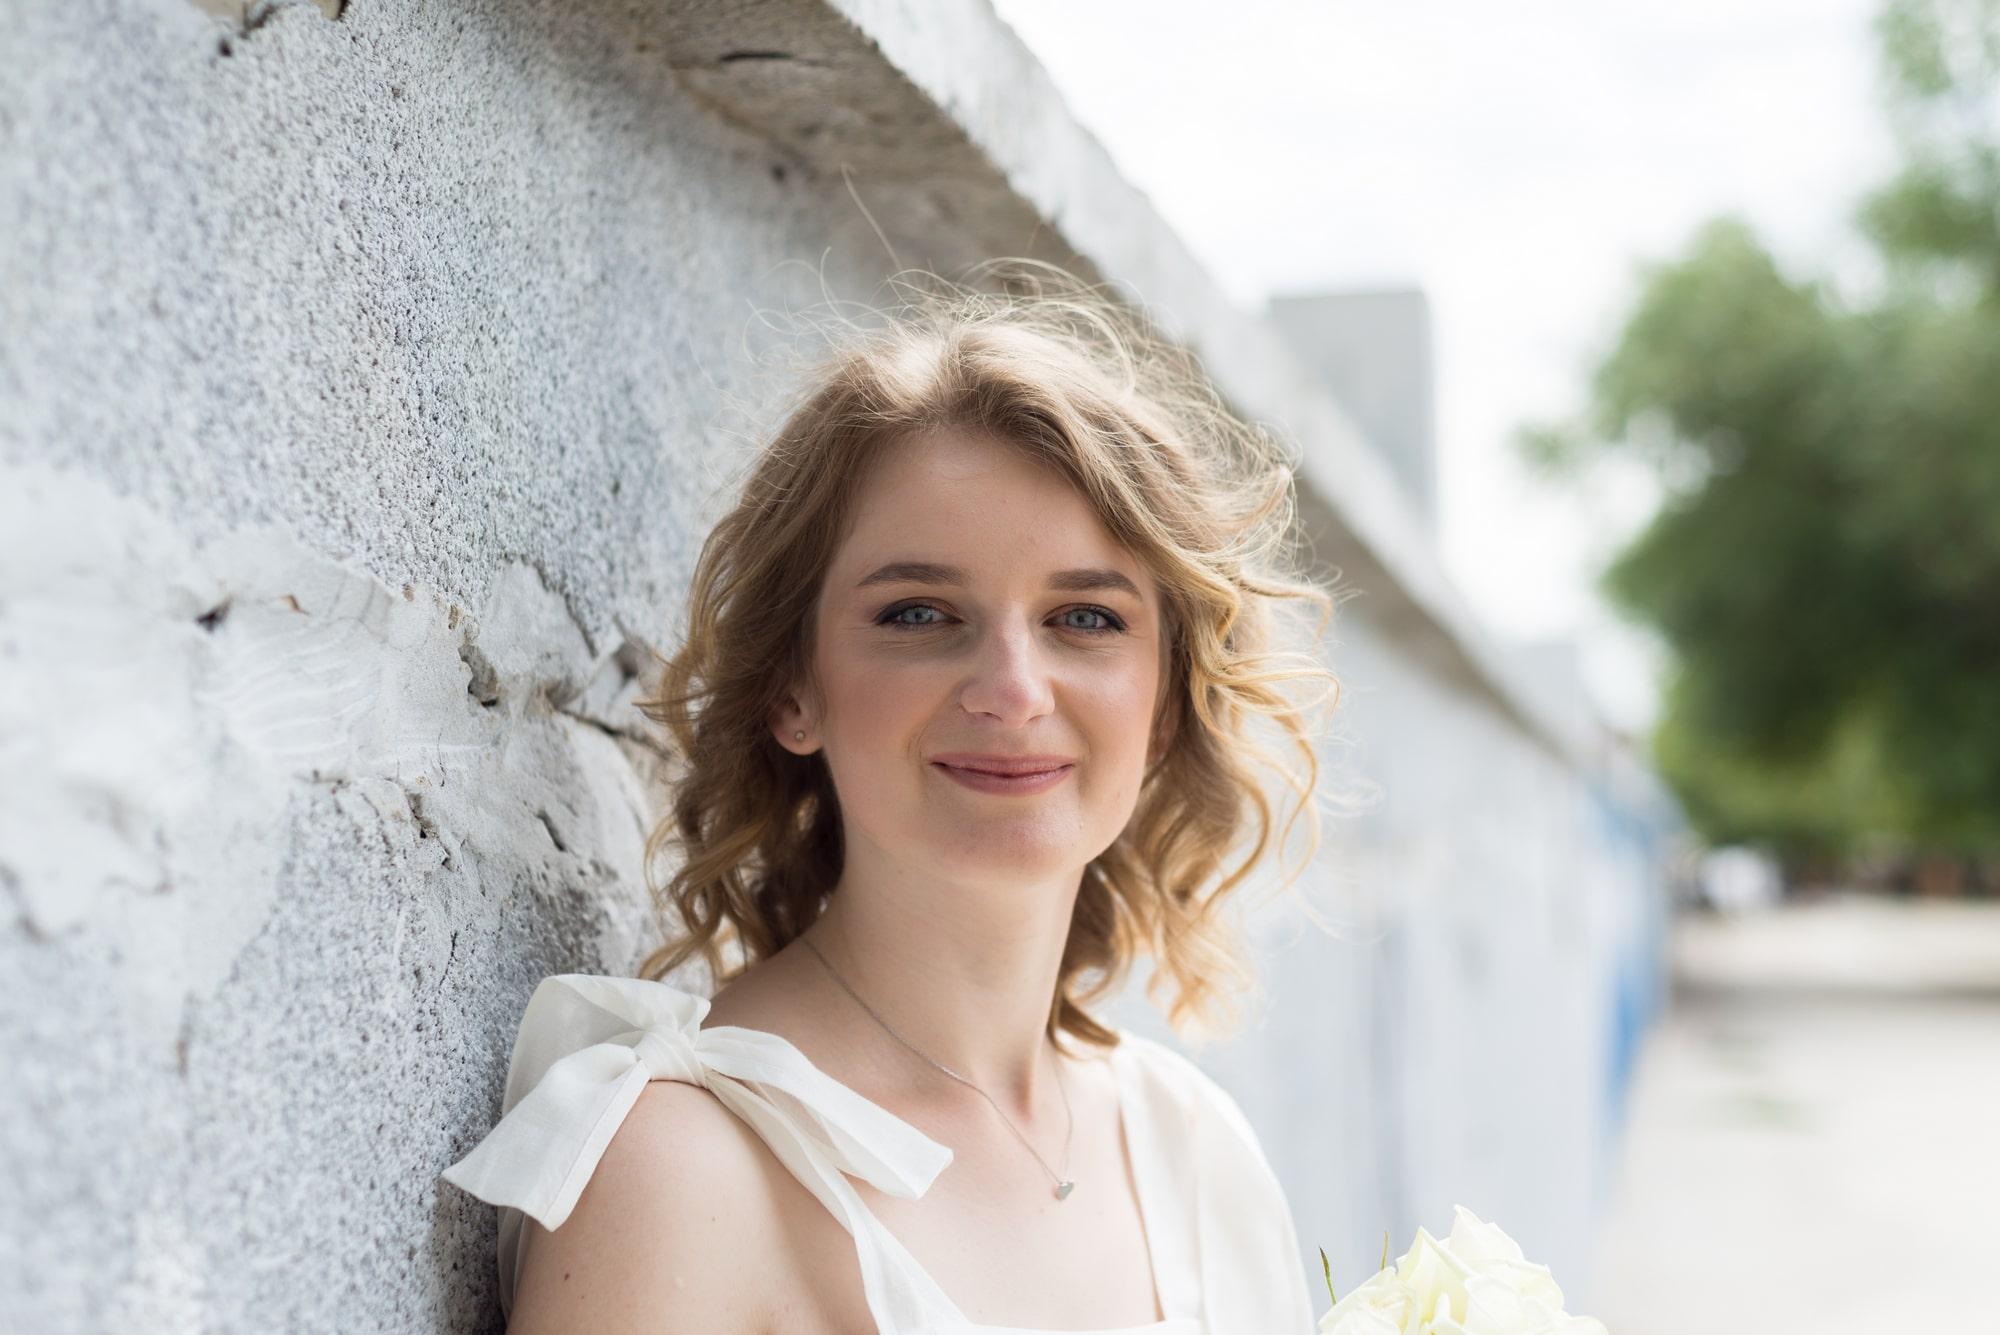 Фотосессия свадебная возле Днепра - солнечный образ невесты